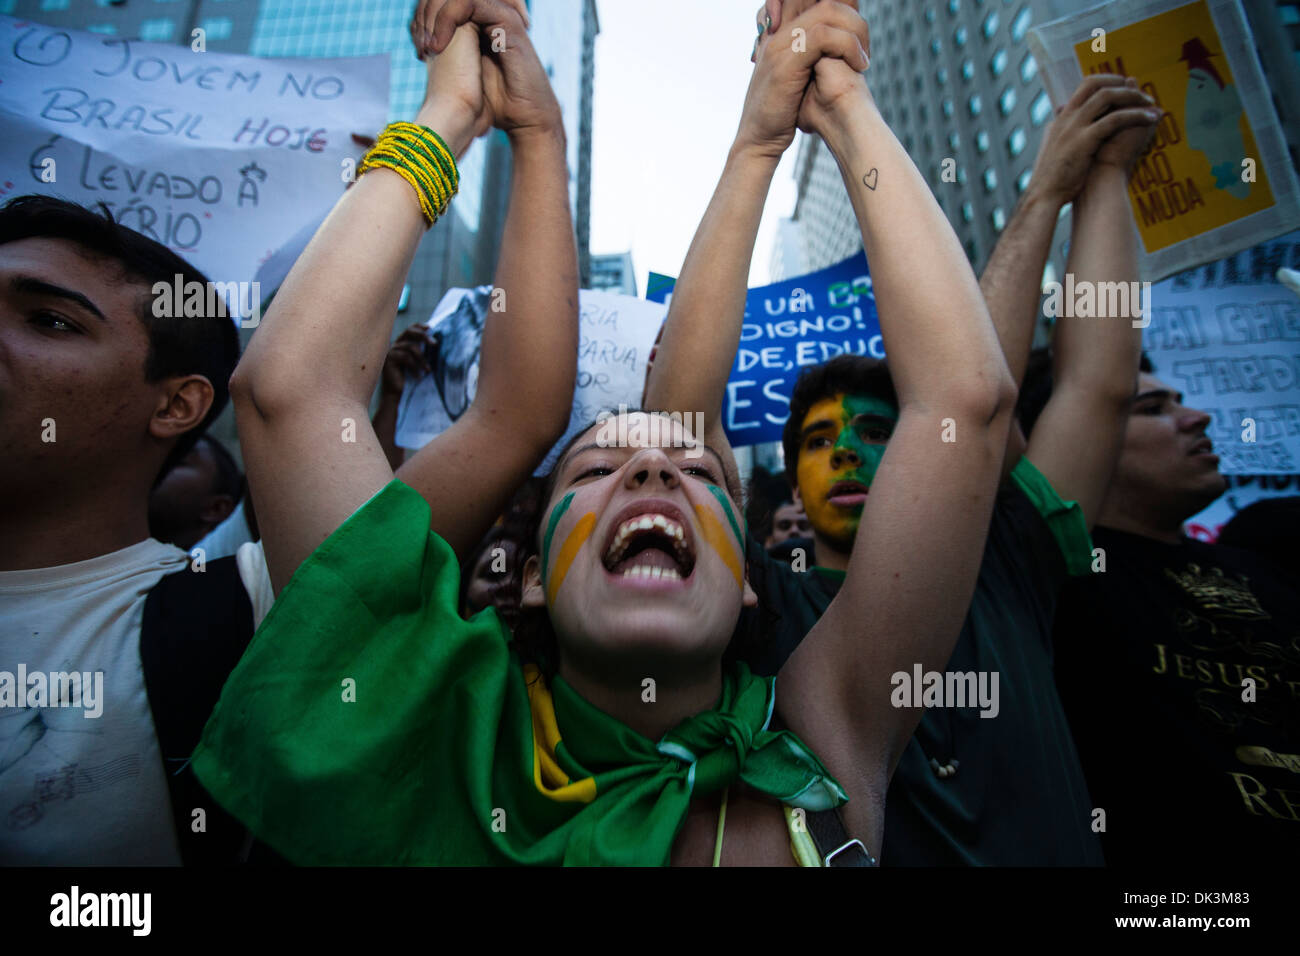 2013-Proteste in Brasilien, Rio De Janeiro Innenstadt, 20. Juni 2013 junge Menschen schreien Worte gegen die brasilianische Stockfoto